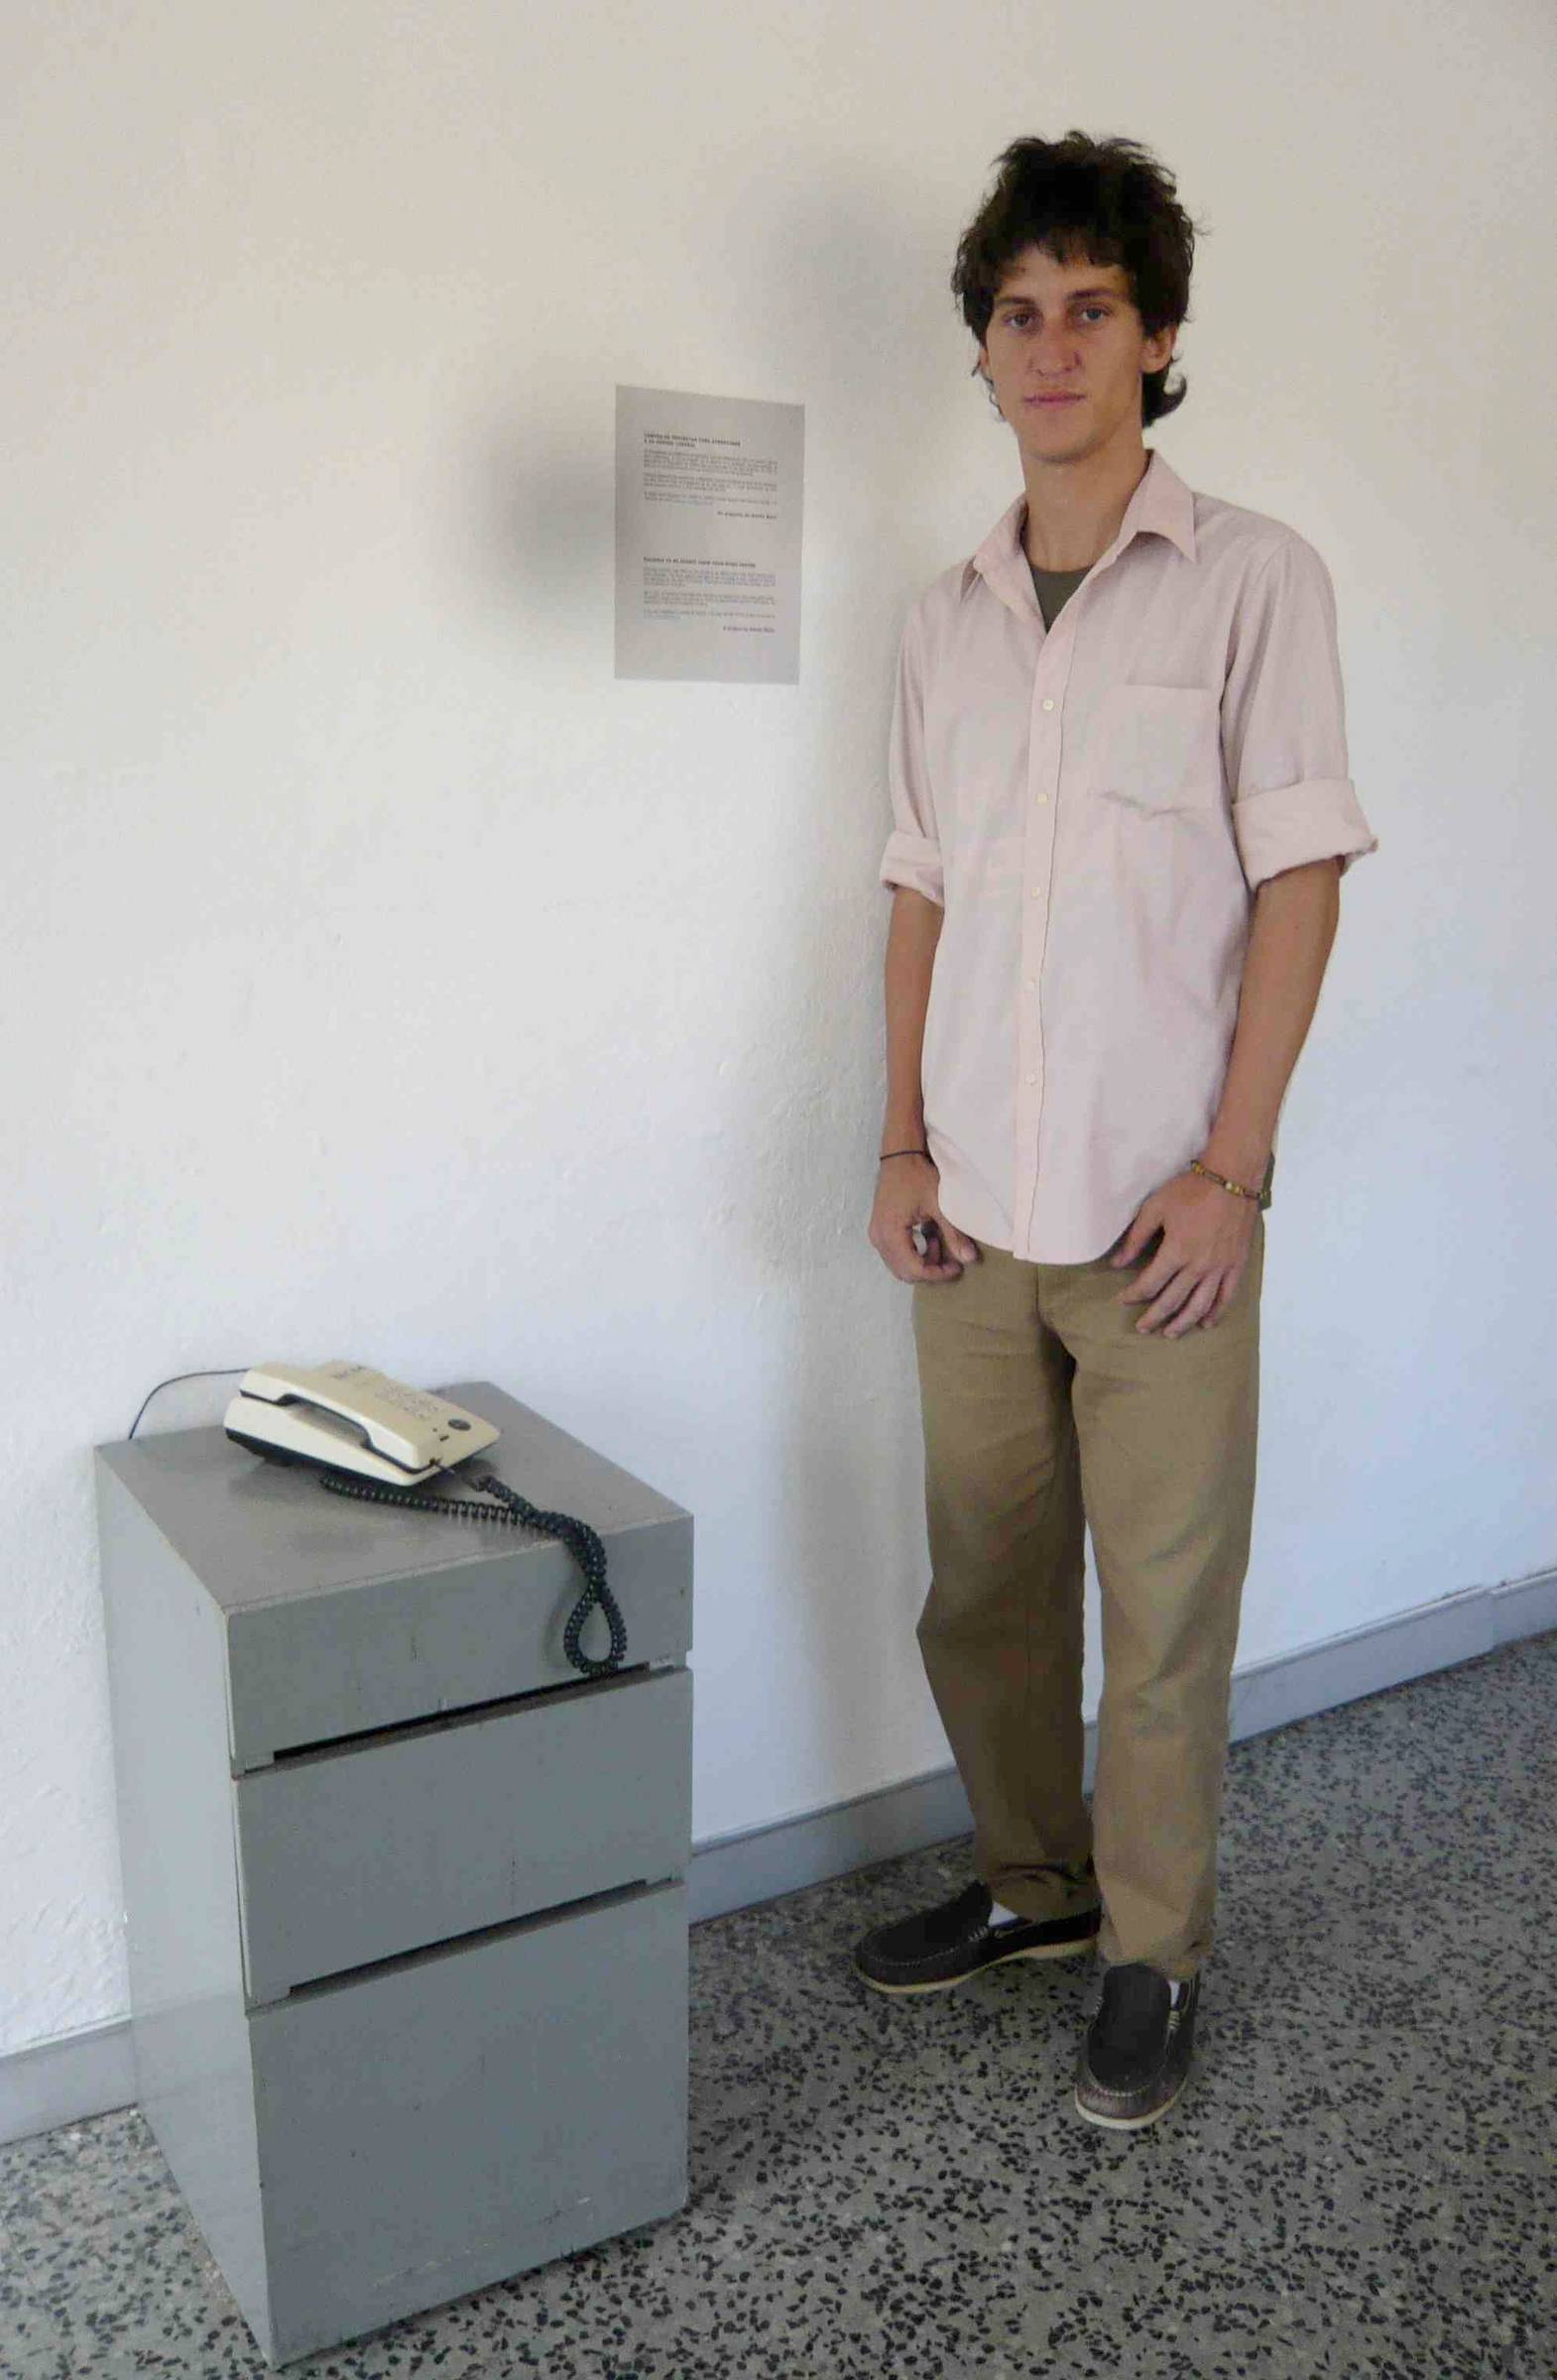 Artist at Havan Biennale 2009.